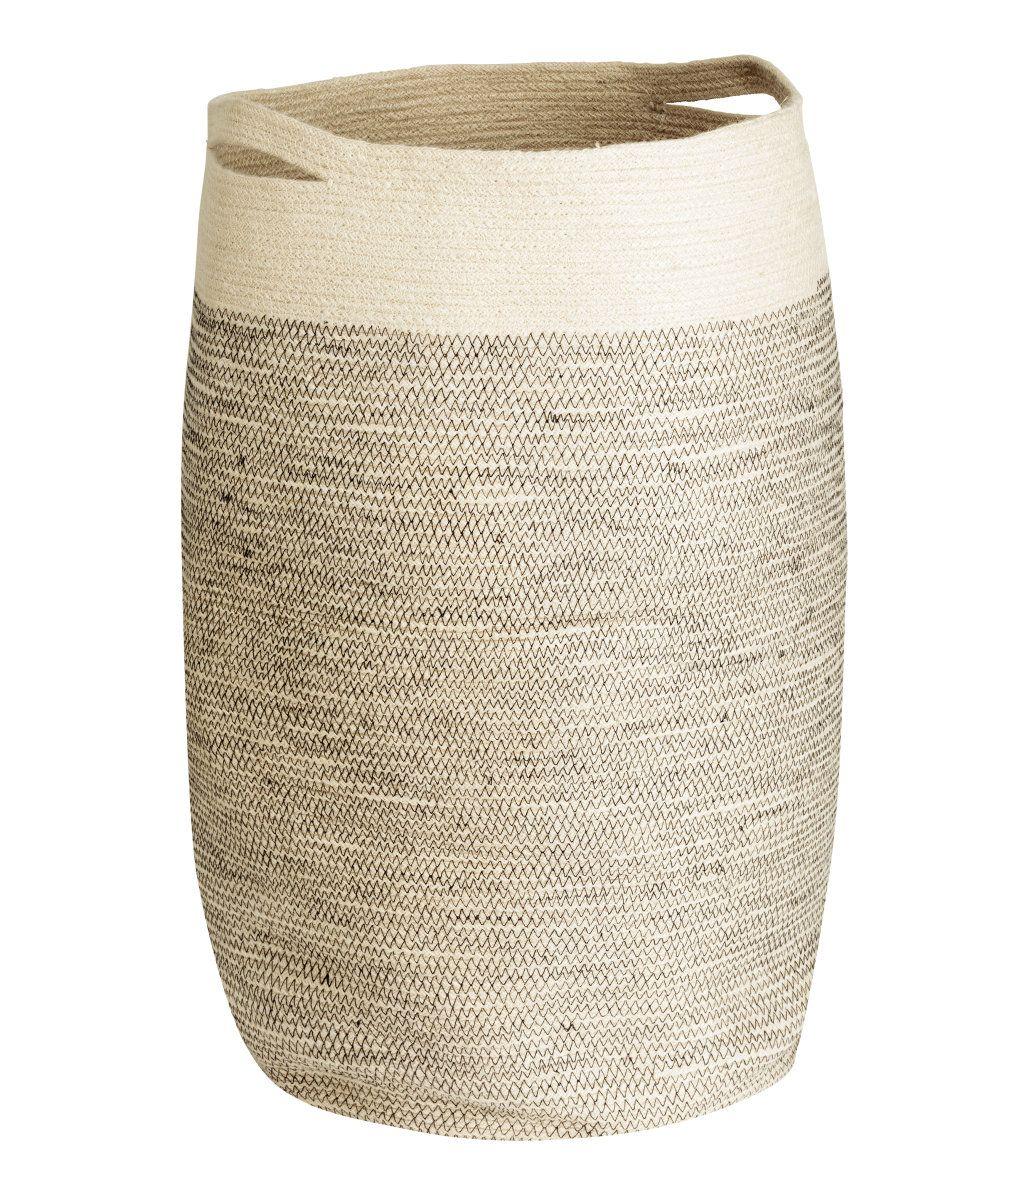 Naturweiss Waschekorb Aus Jute Mit Zwei Tragegriffen Durchmesser Ca 35 Cm Hohe 65 Cm Waschekorb Korb Waschebox